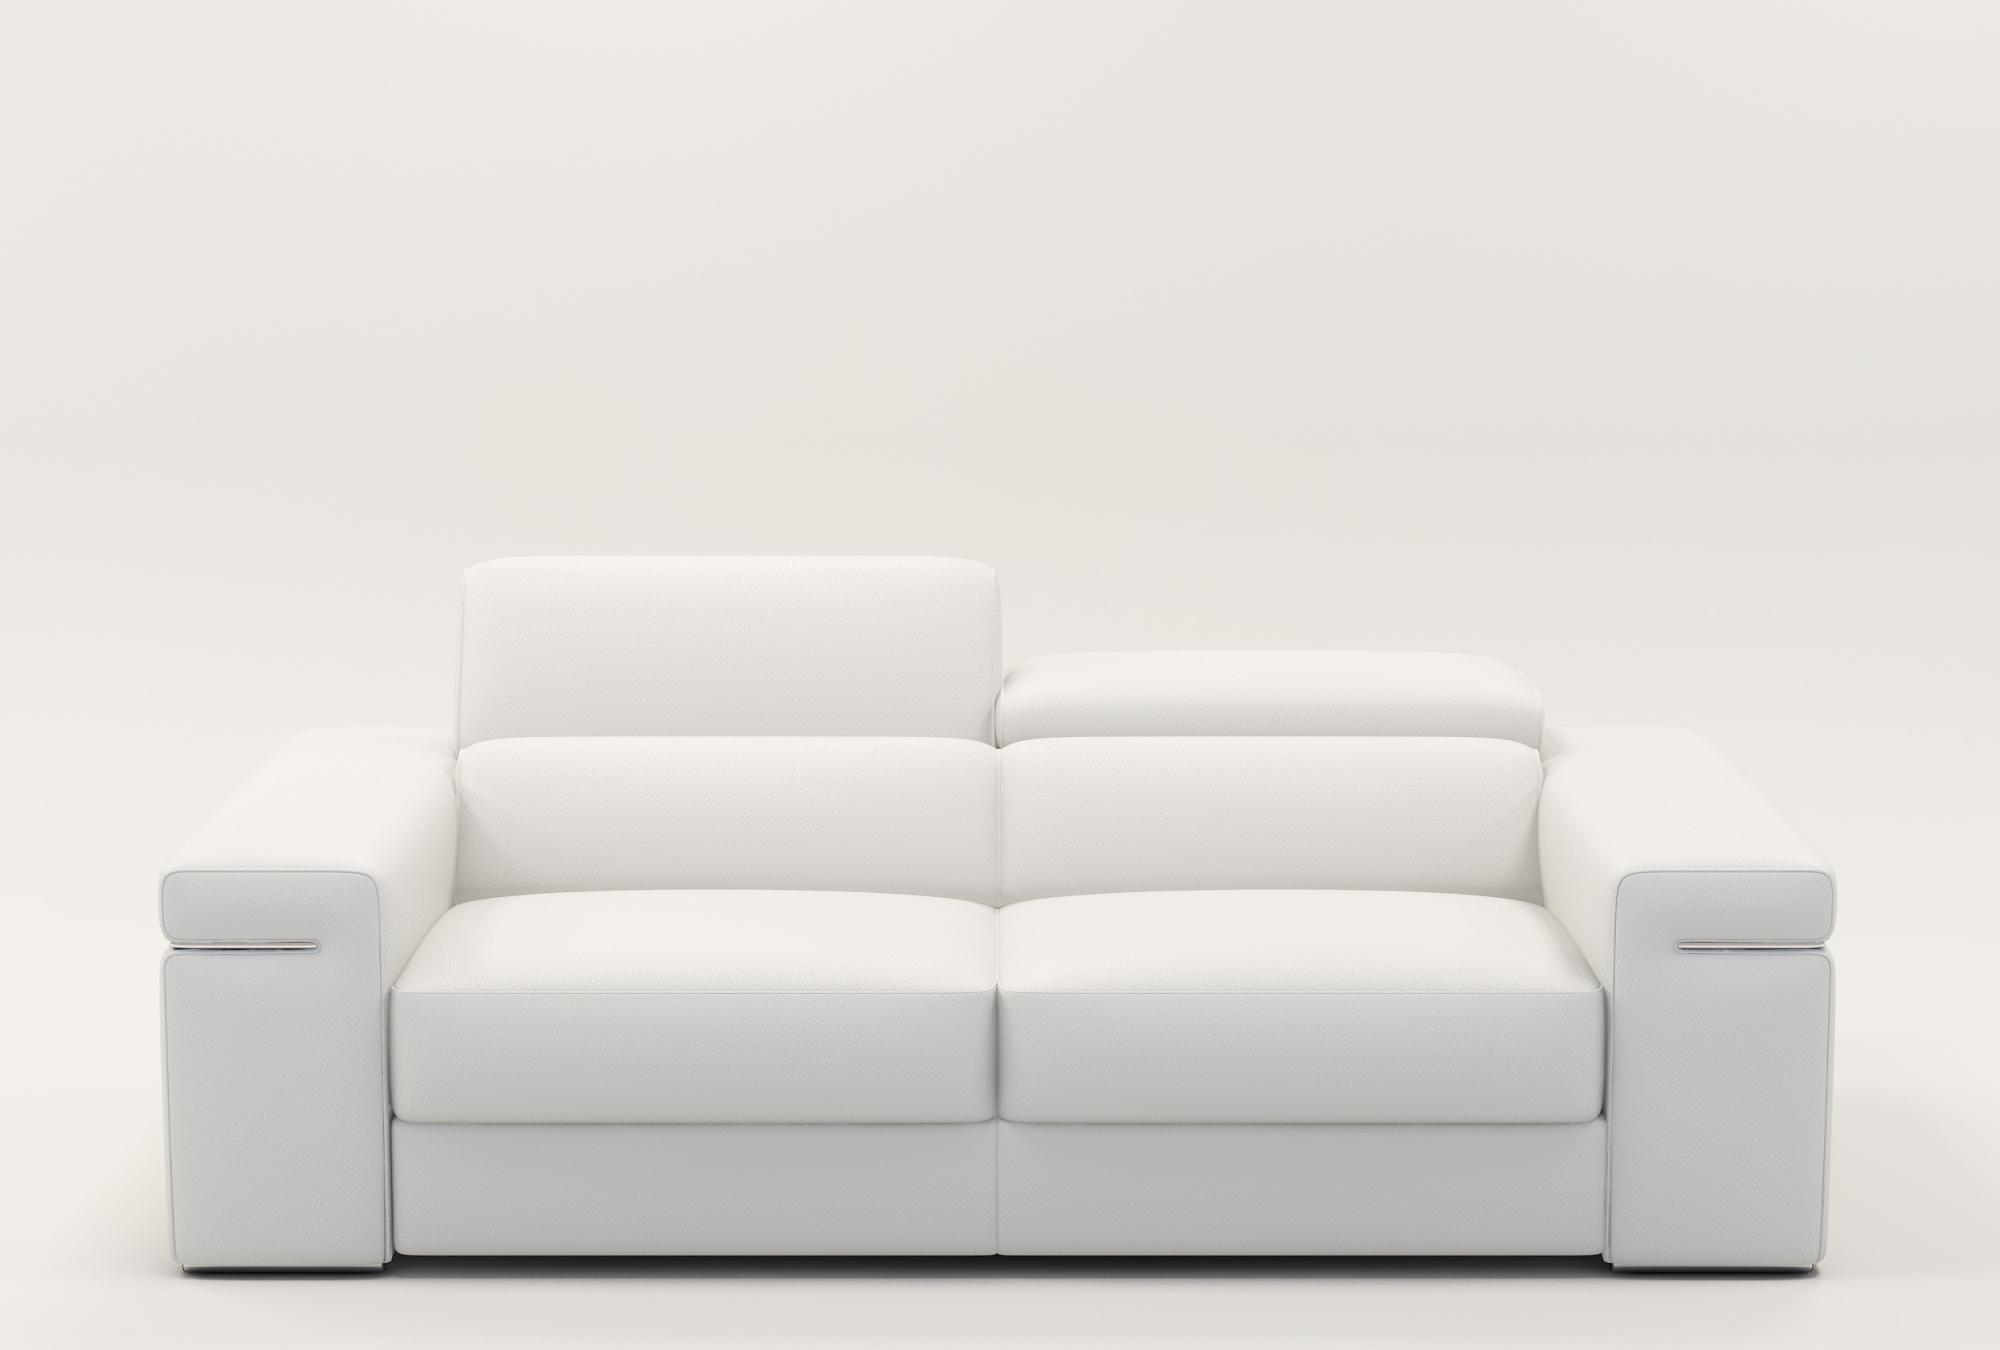 Canapé Cuir Blanc Concept - Idees Conception Jardin intérieur Canape Cuir Blanc